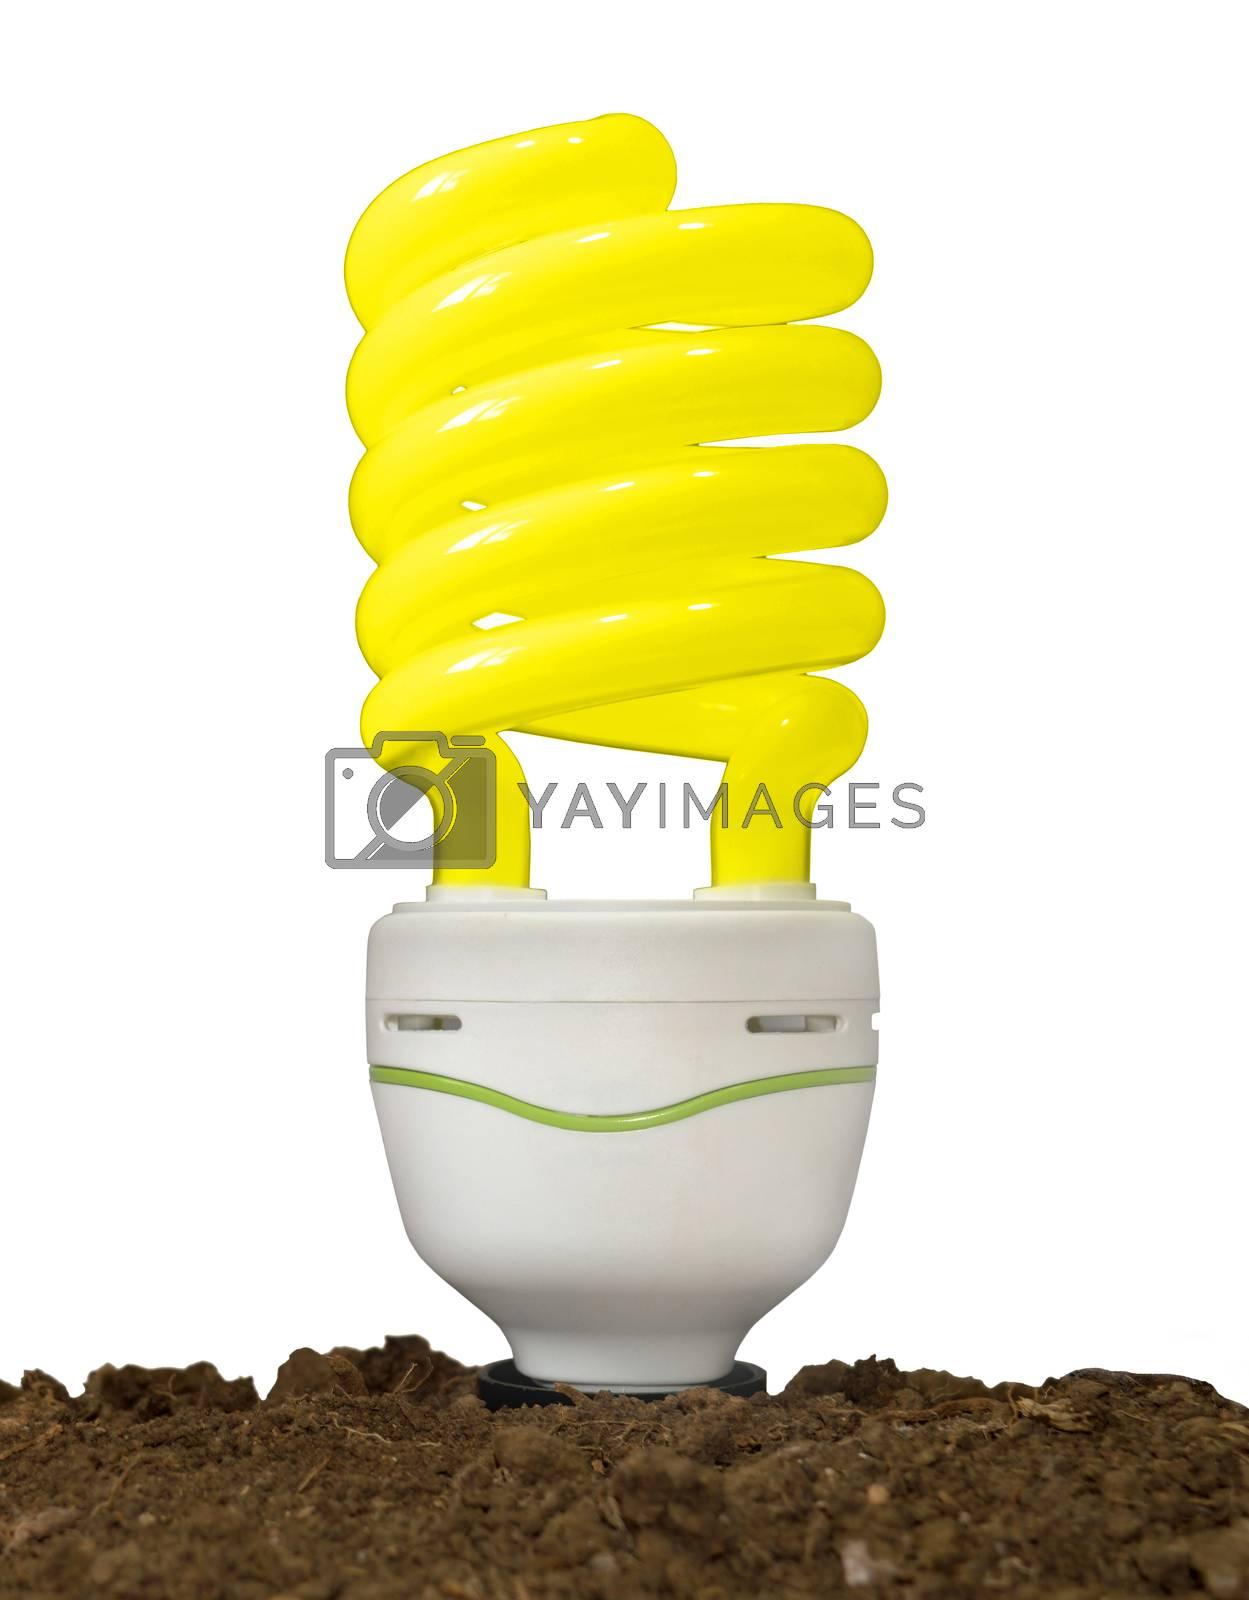 Bulb in soil